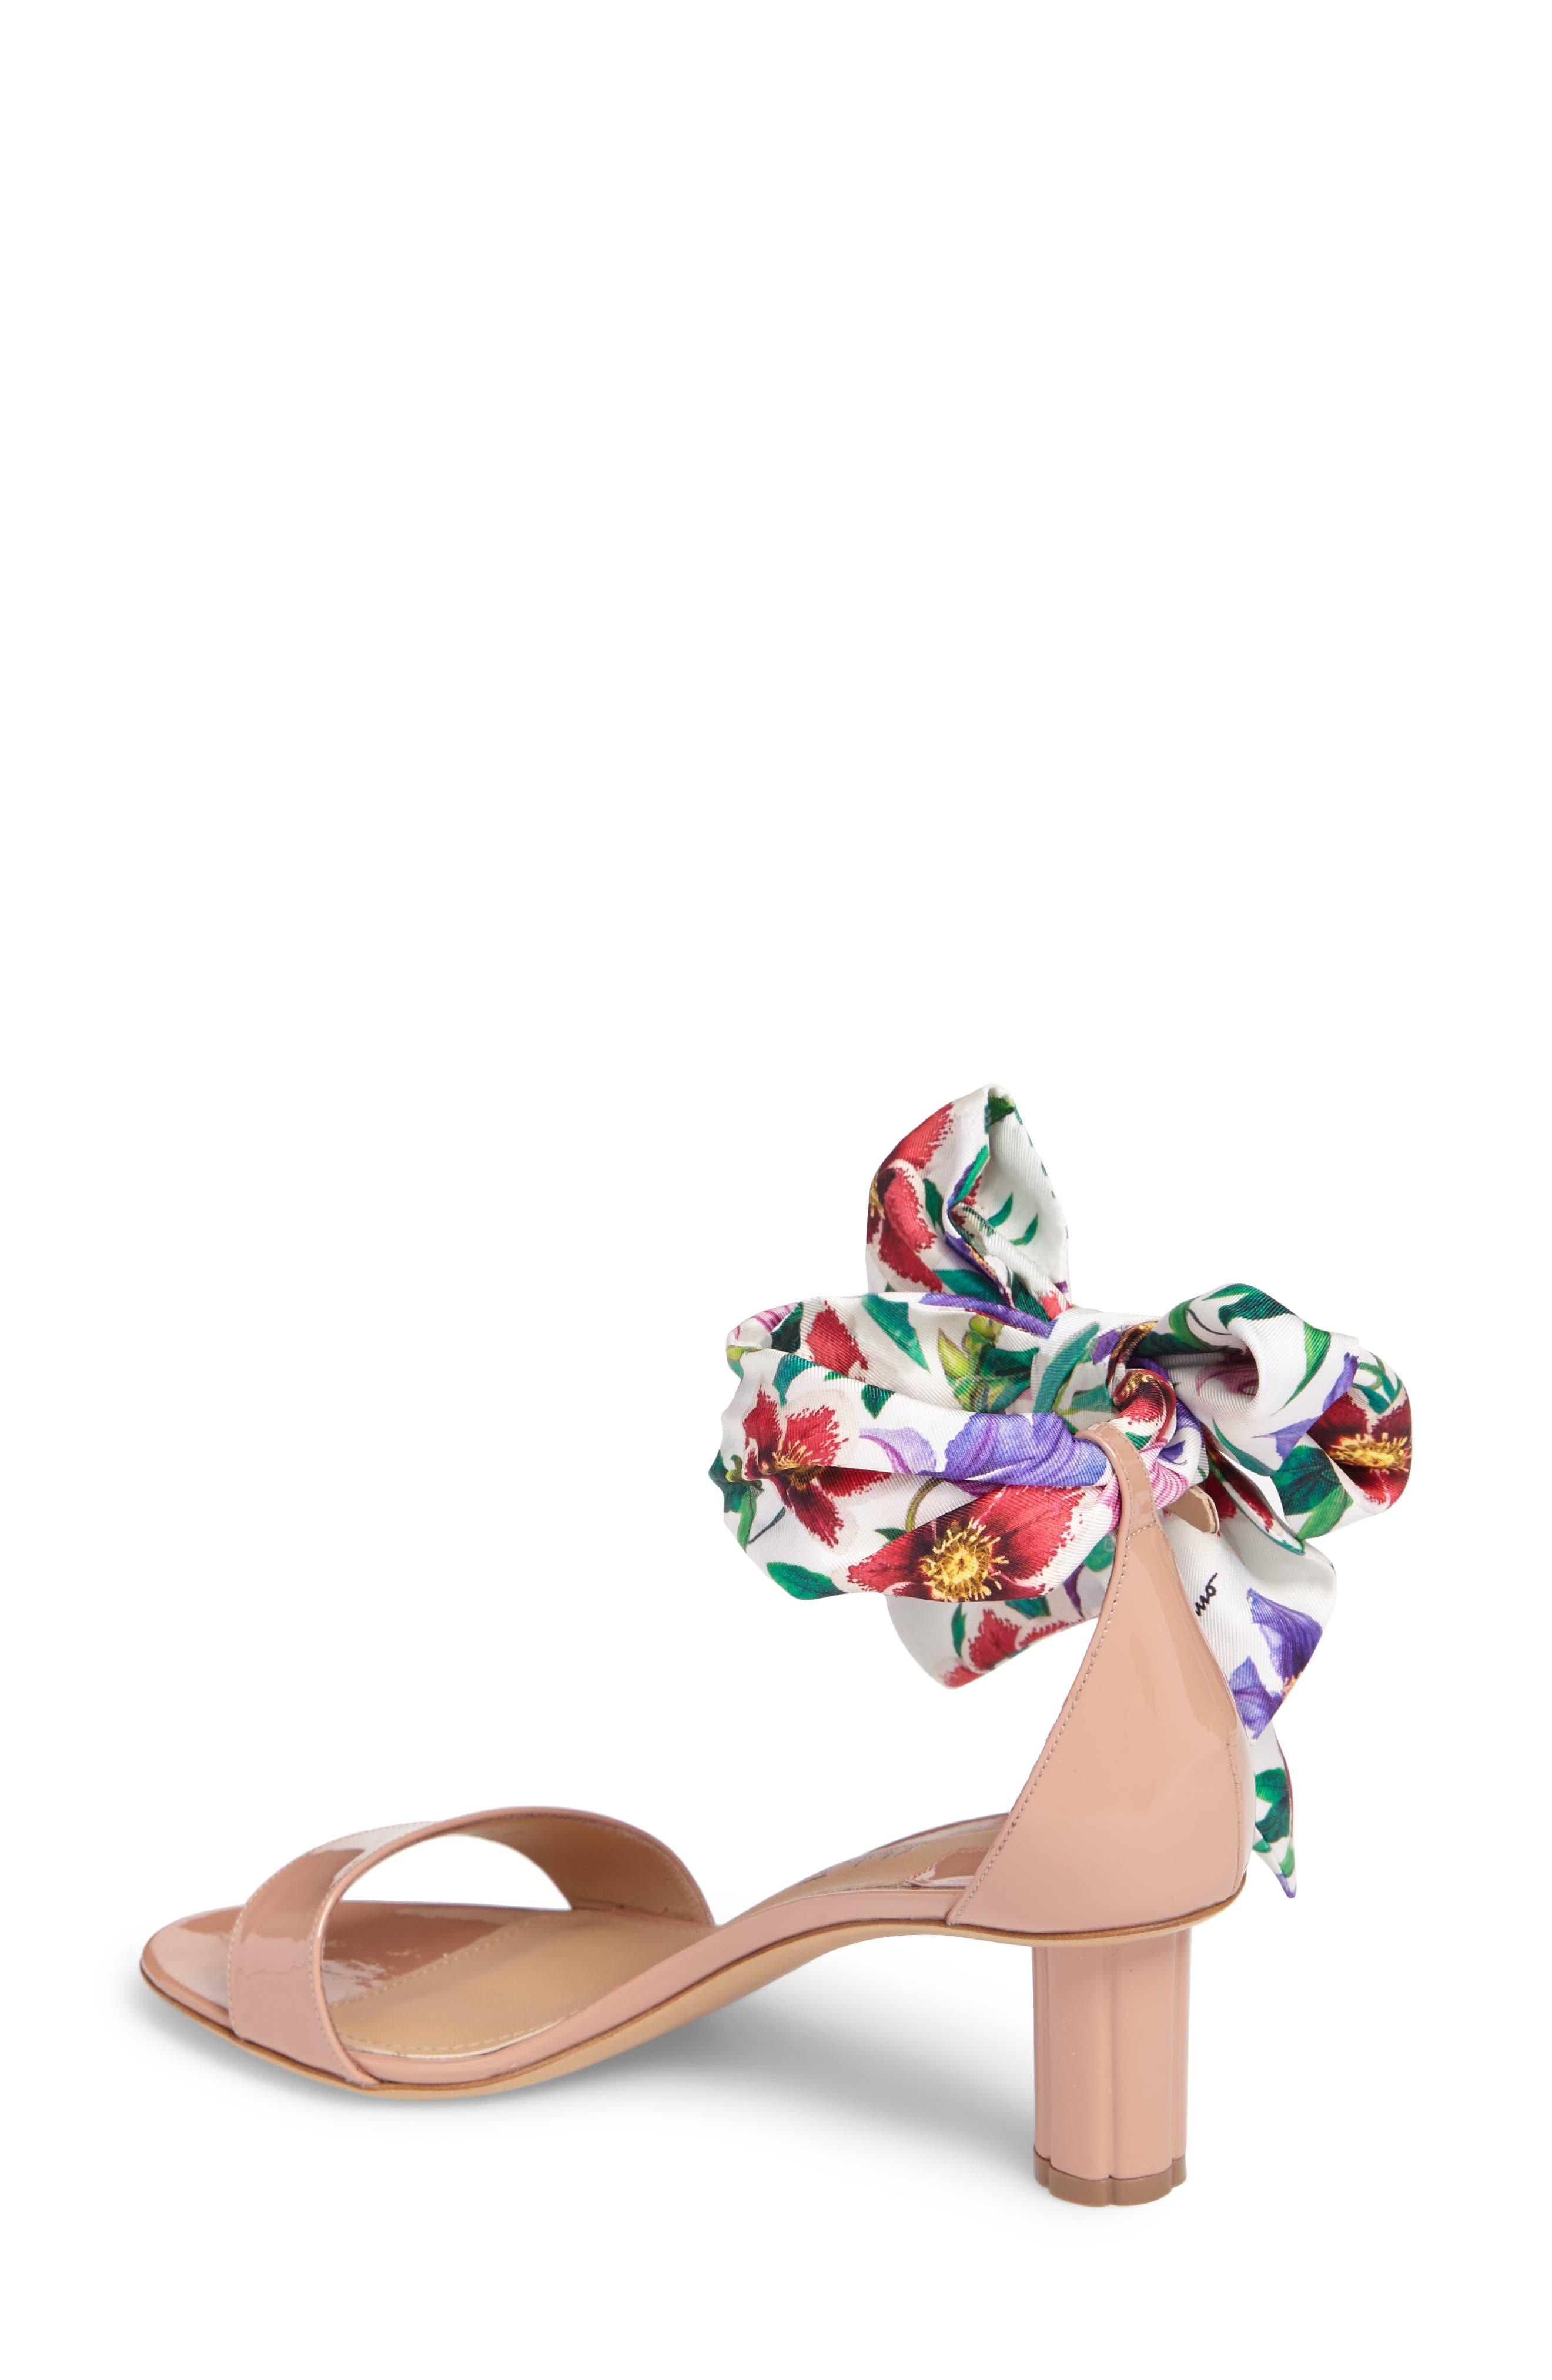 Tursi Sandal,                             Alternate thumbnail 2, color,                             NEW BLUSH